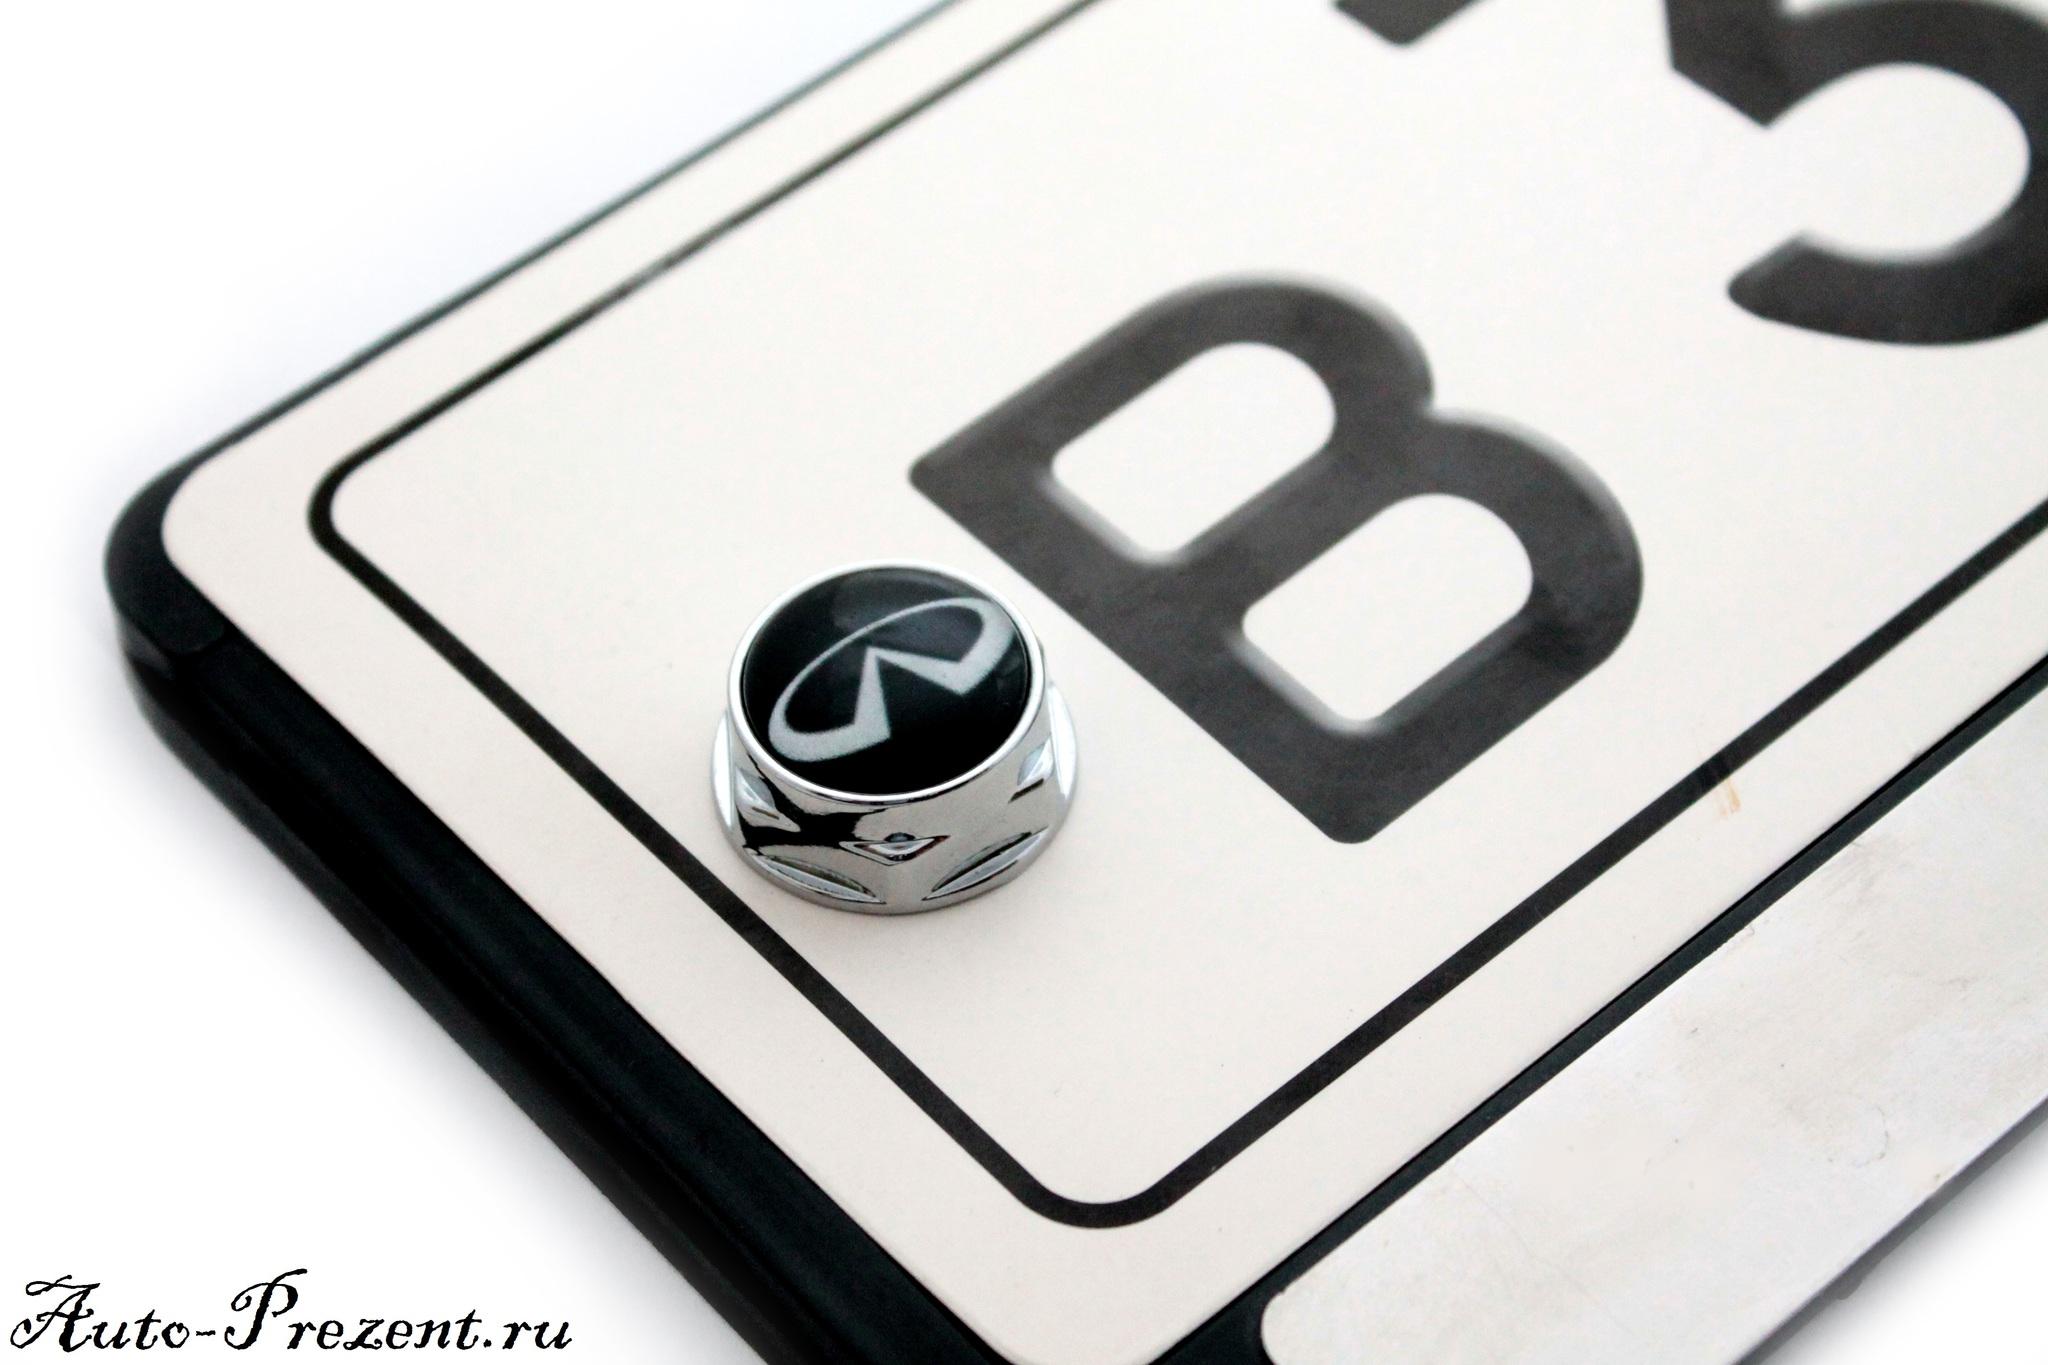 Болты для крепления госномера с логотипом INFINITI